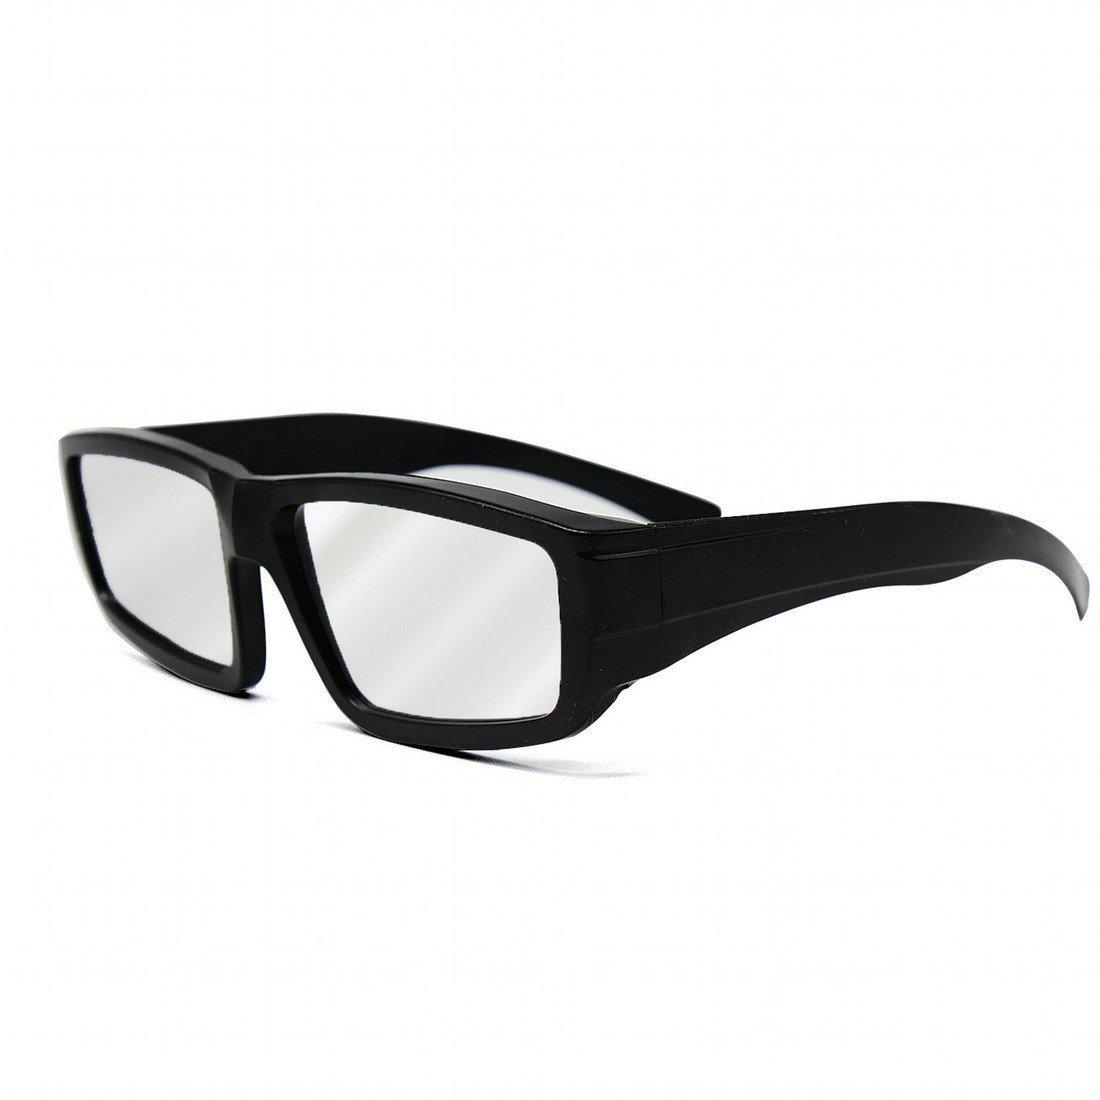 Amazon.com: Gafas solares Eclipse con certificación ISO ...